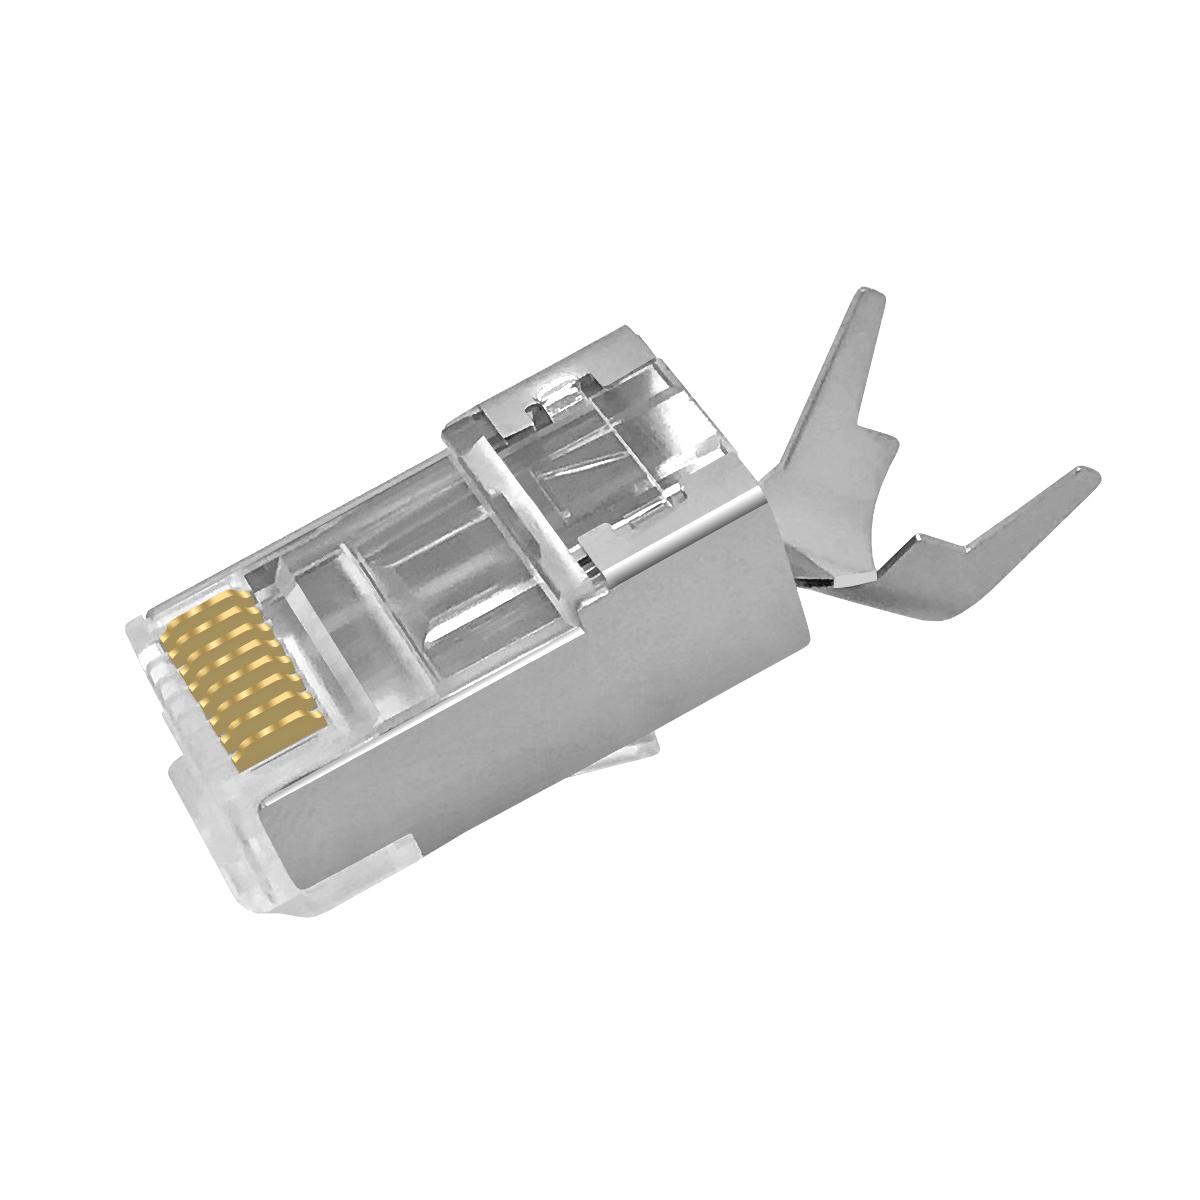 rj45 stecker arli netzwerkkabel lan kabel verbinder rj 45 kat cat 7 6a 6 awg23 8polig 8 polig. Black Bedroom Furniture Sets. Home Design Ideas